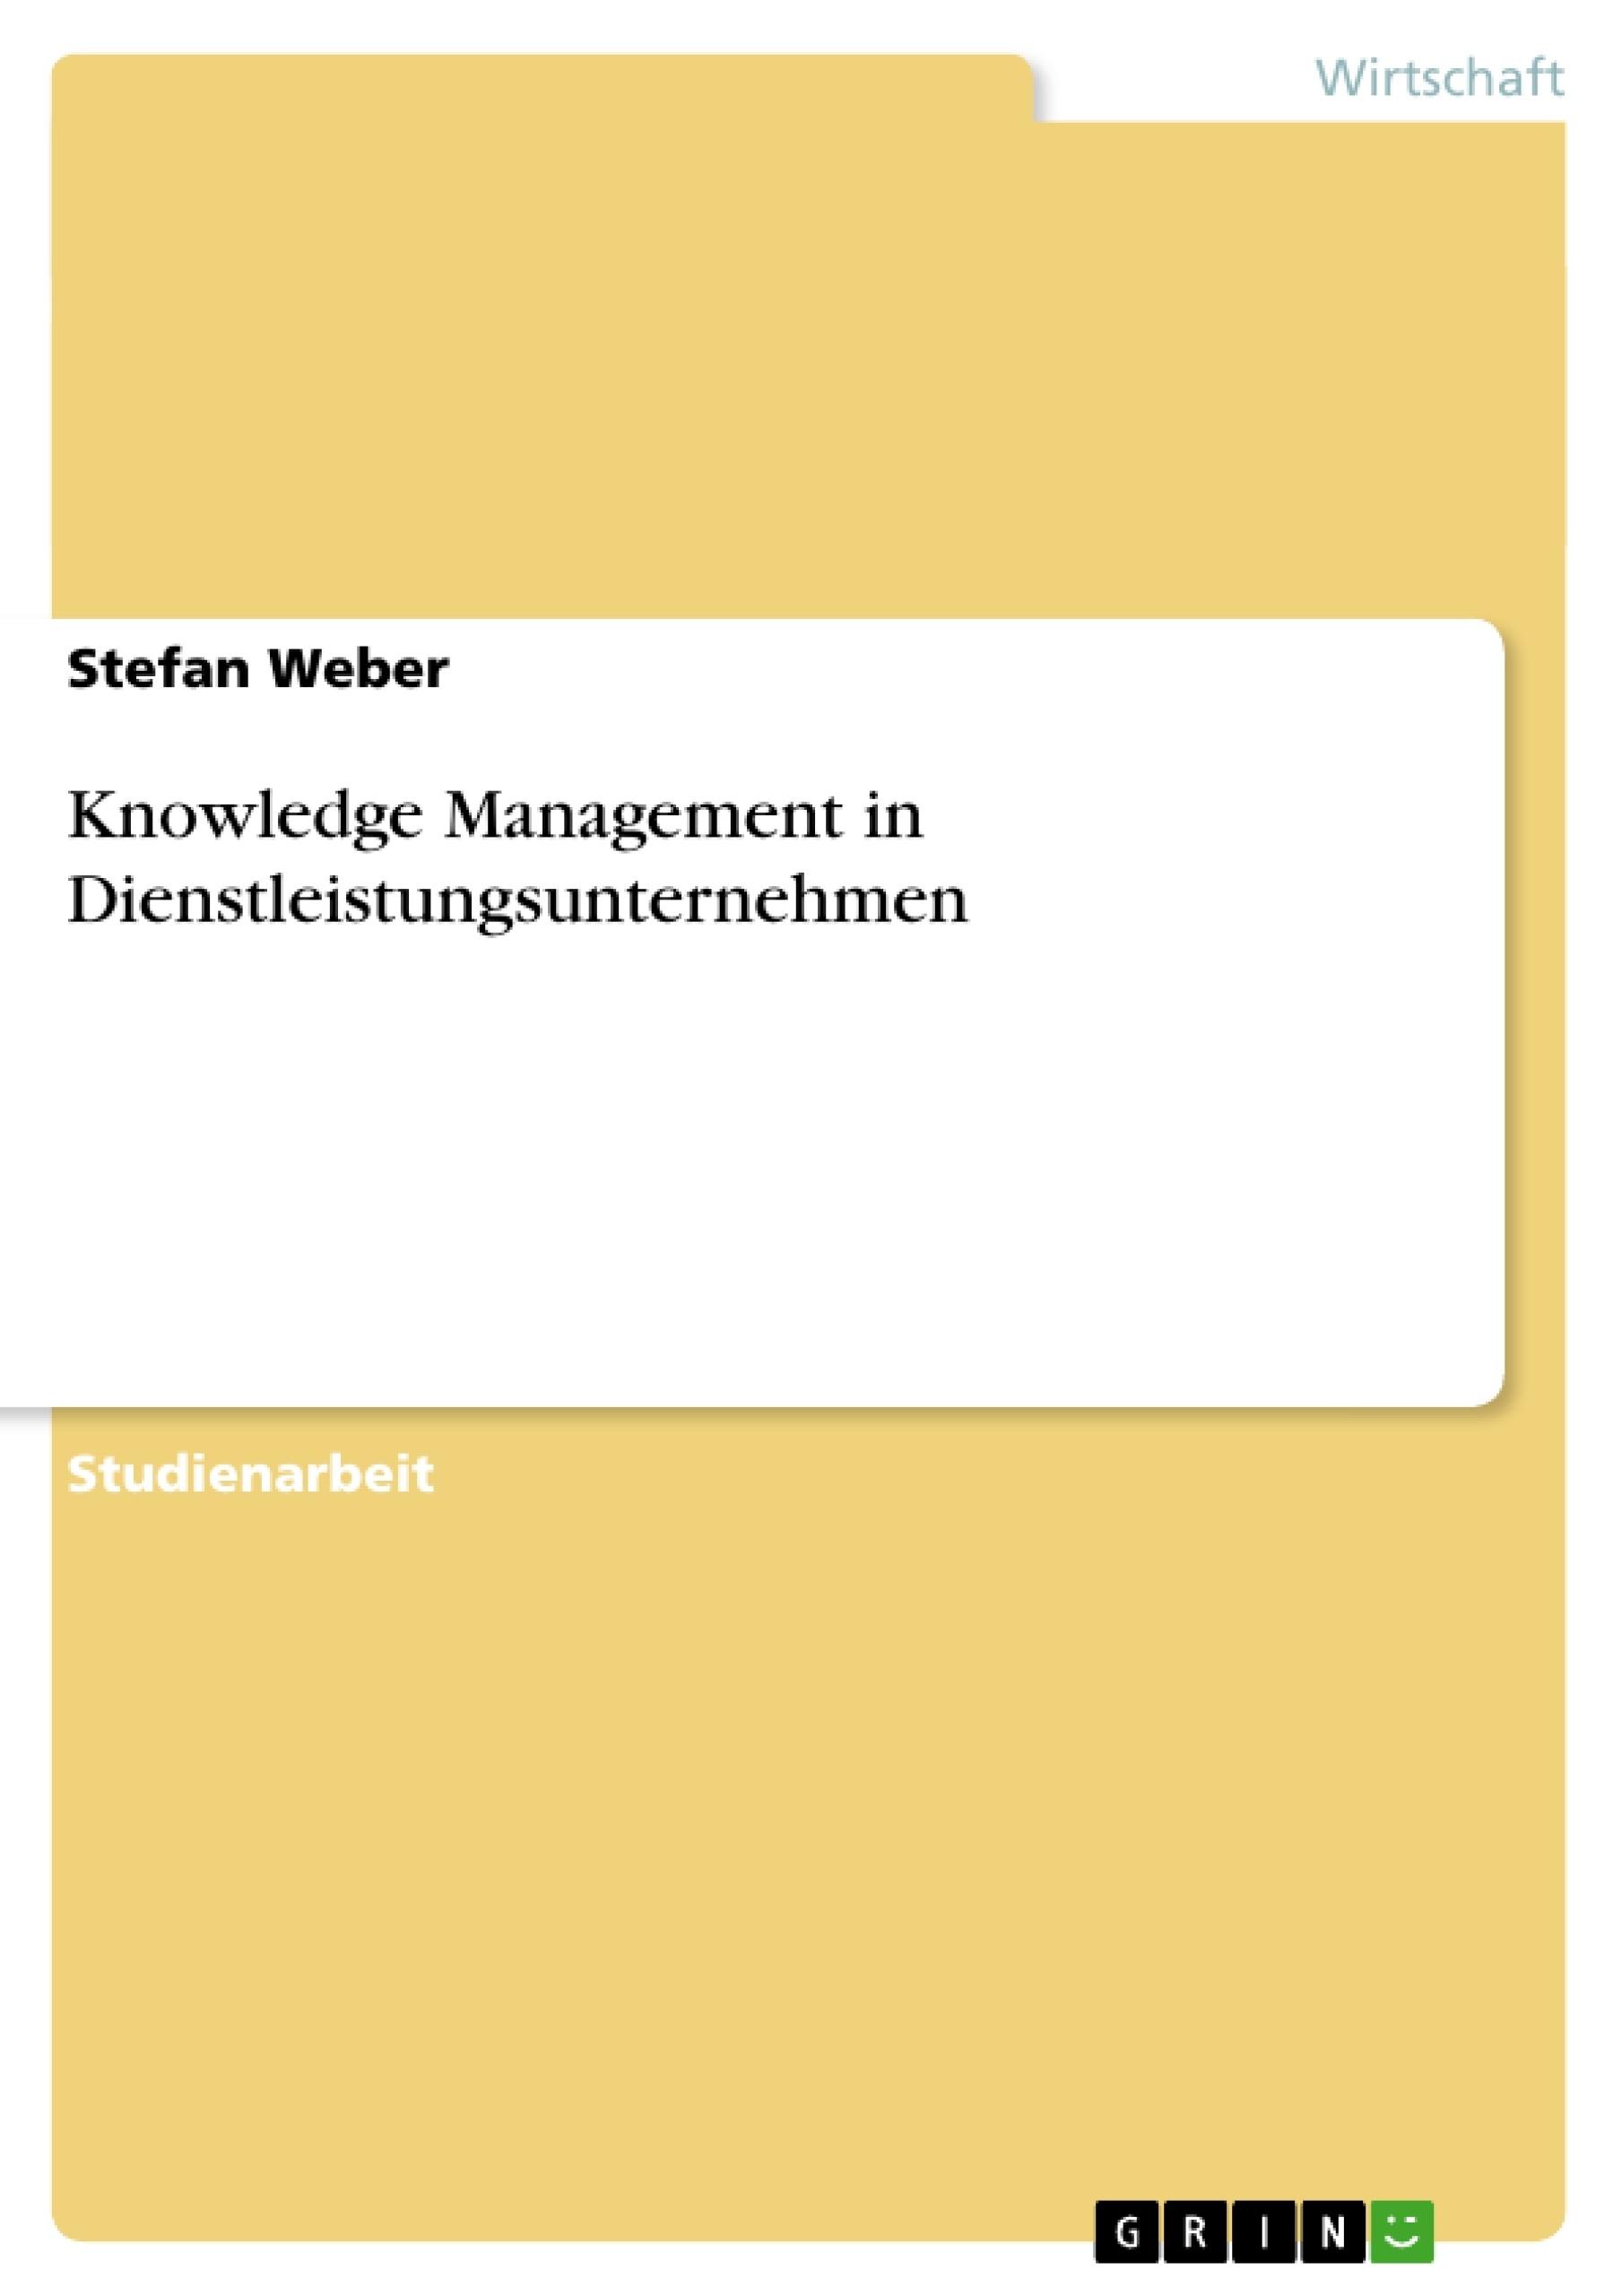 Titel: Knowledge Management in Dienstleistungsunternehmen